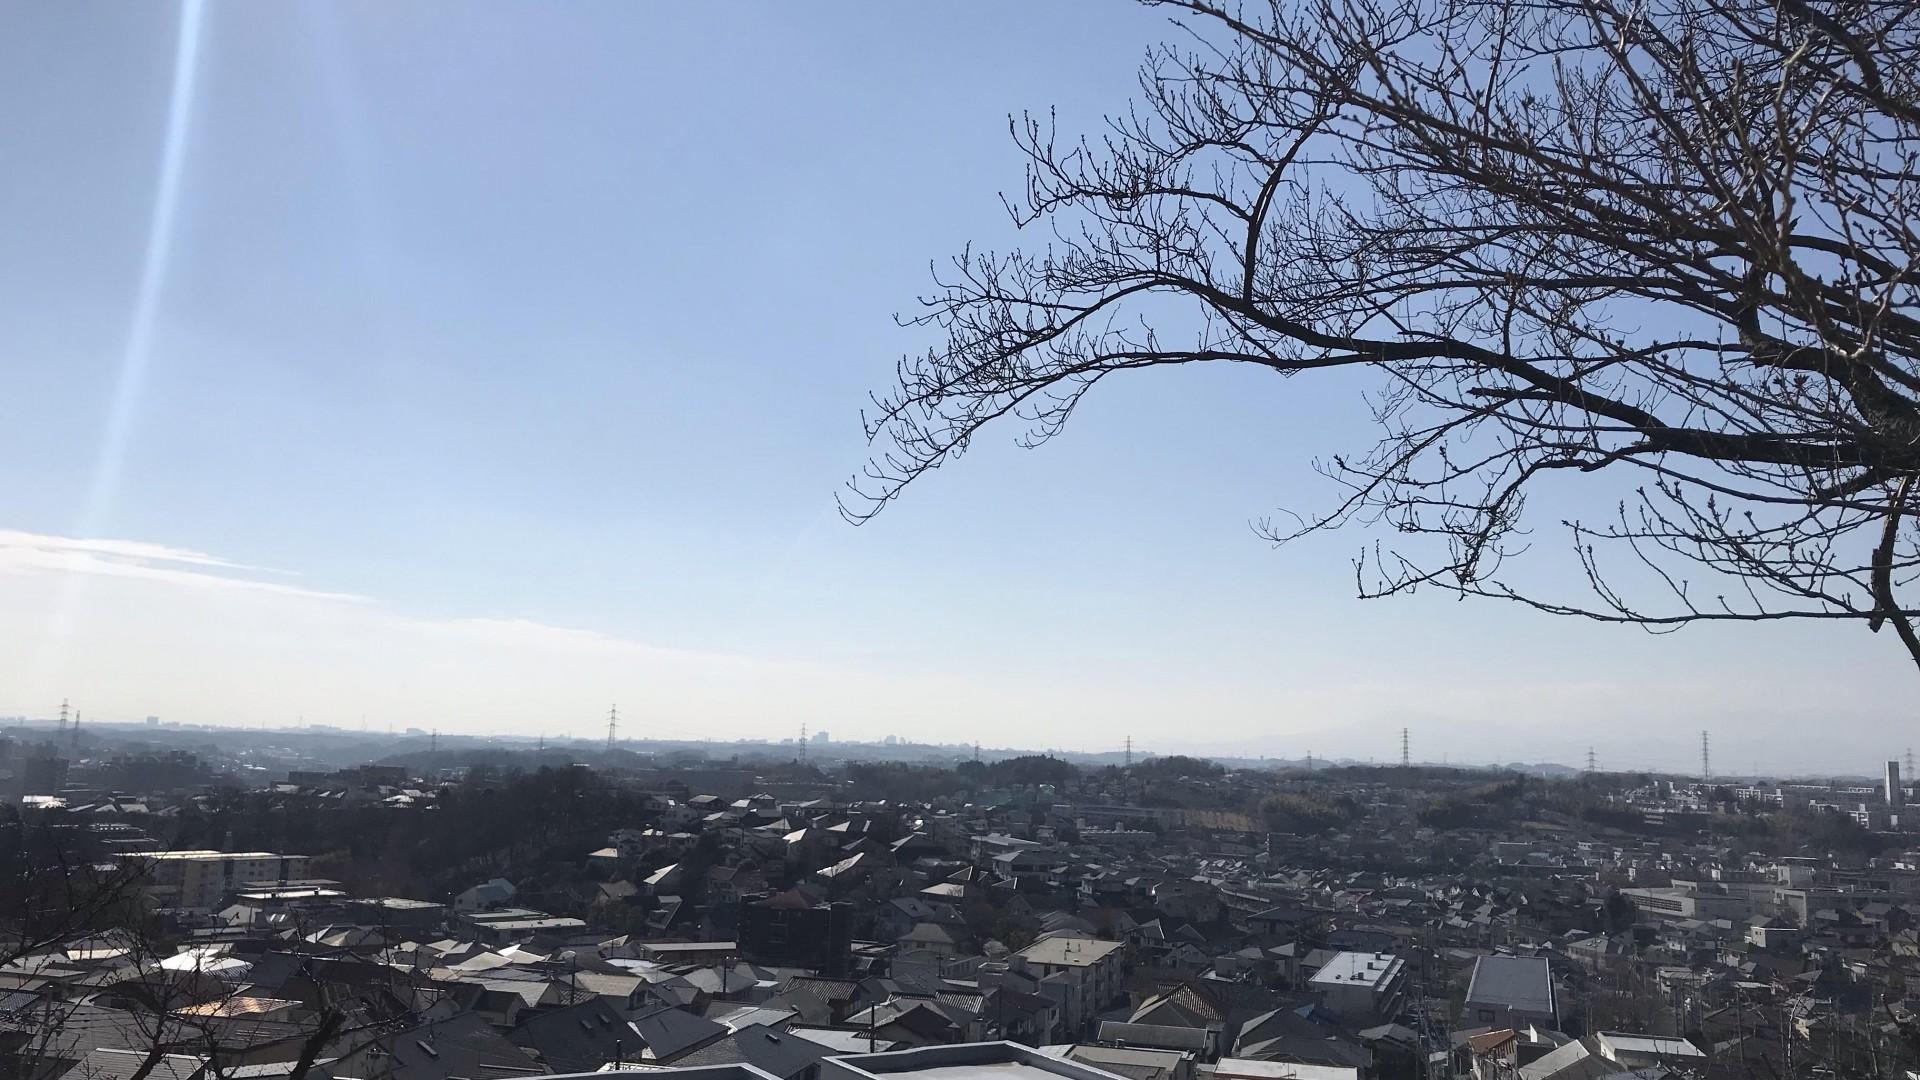 คะชิสะกะ (เส้นทางเดินในพื้นที่ตอนเหนือของอะสะโอะ-คุ ซึ่งมีวิวภูเขาฟูจิ)